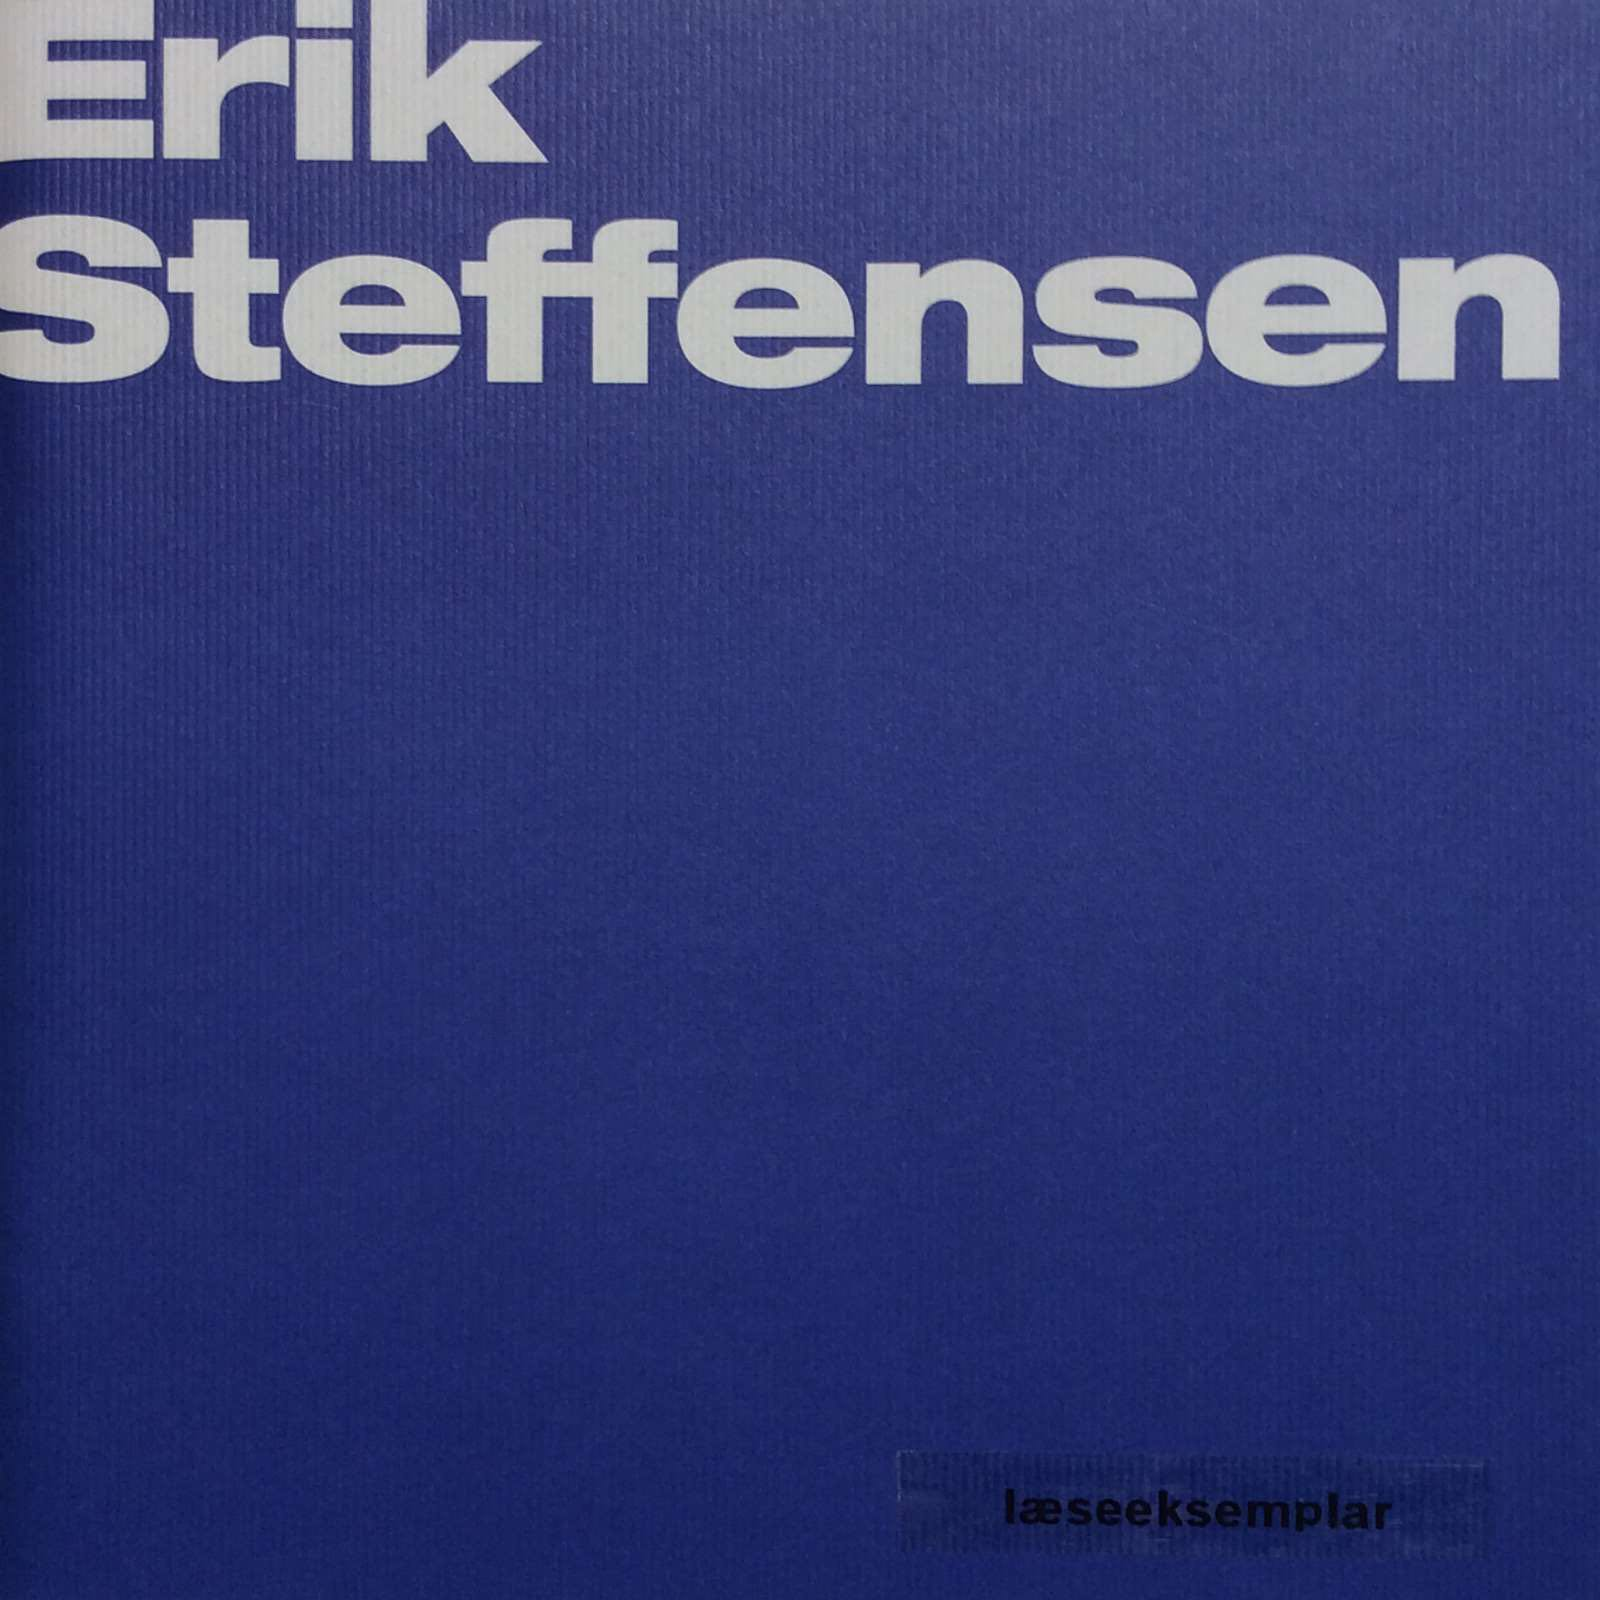 Bjerregaard, Galleri Bo. Erik Steffensen - Blue notes